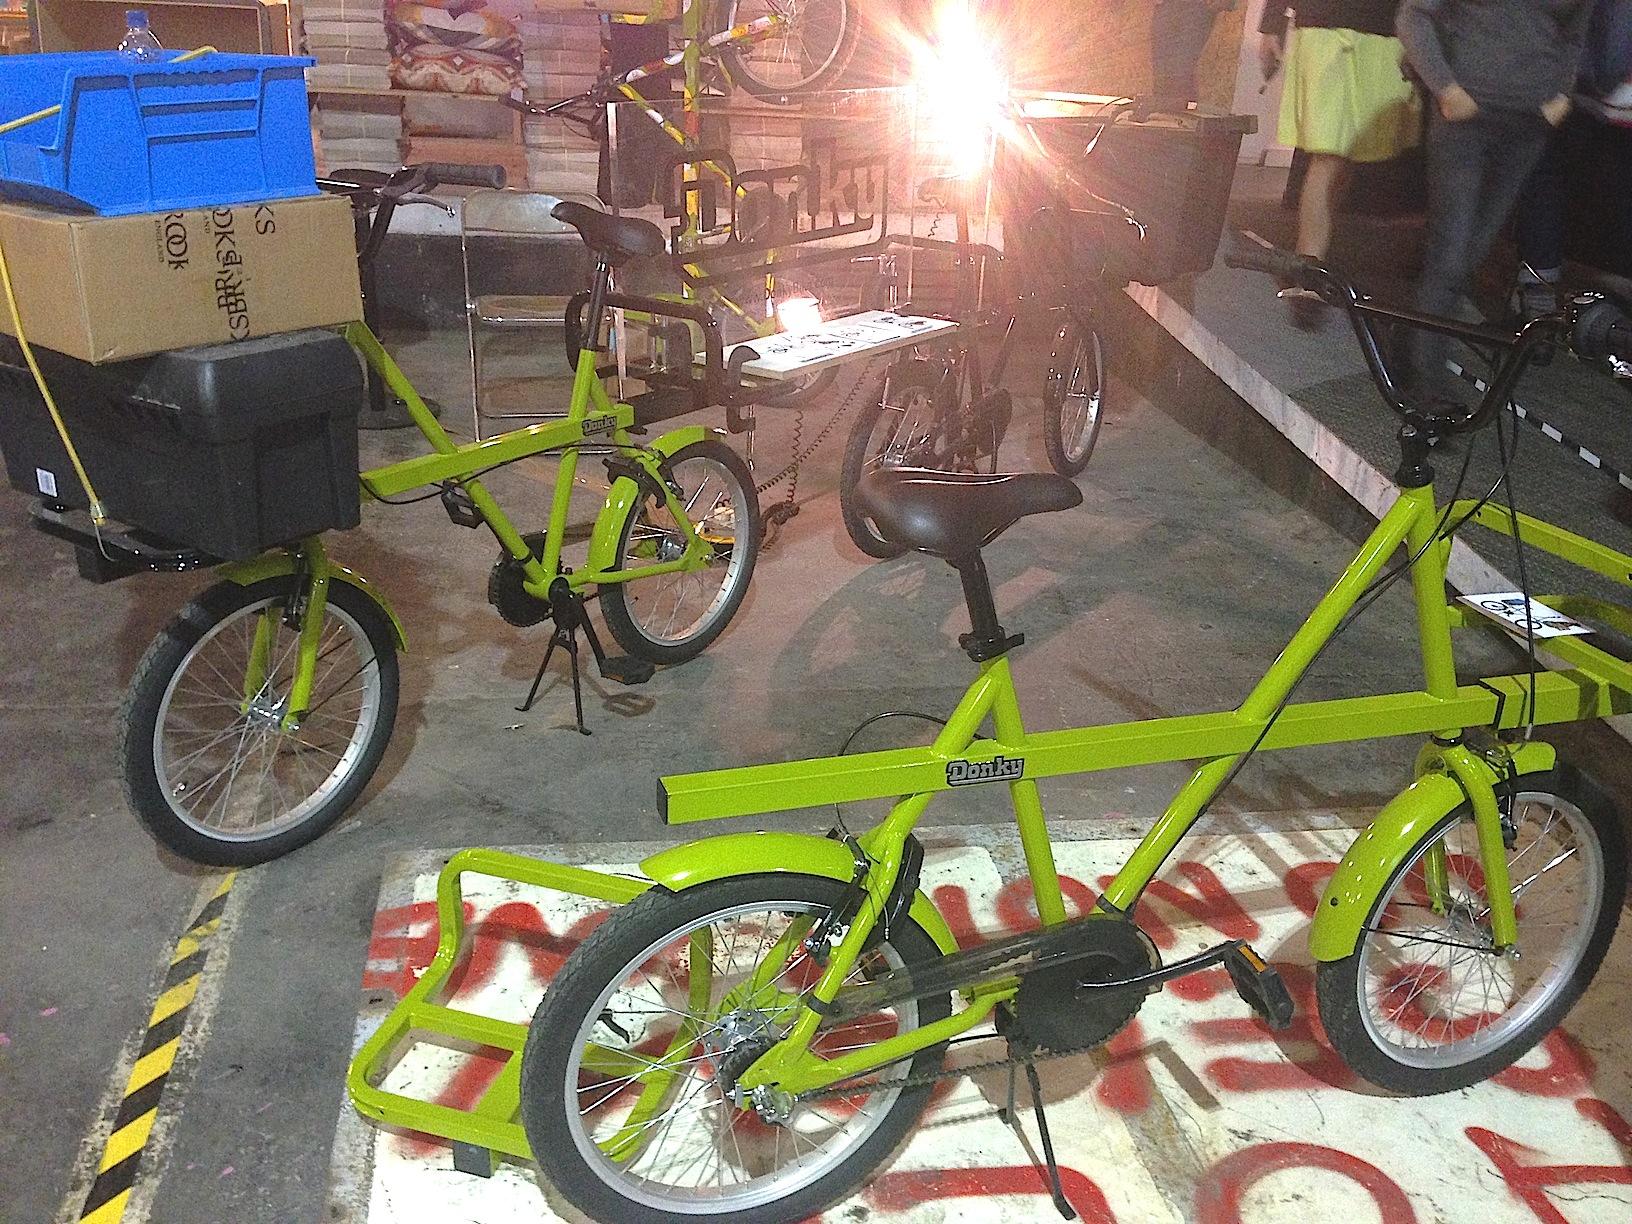 Design Junction London 2013 - Donky Bikes